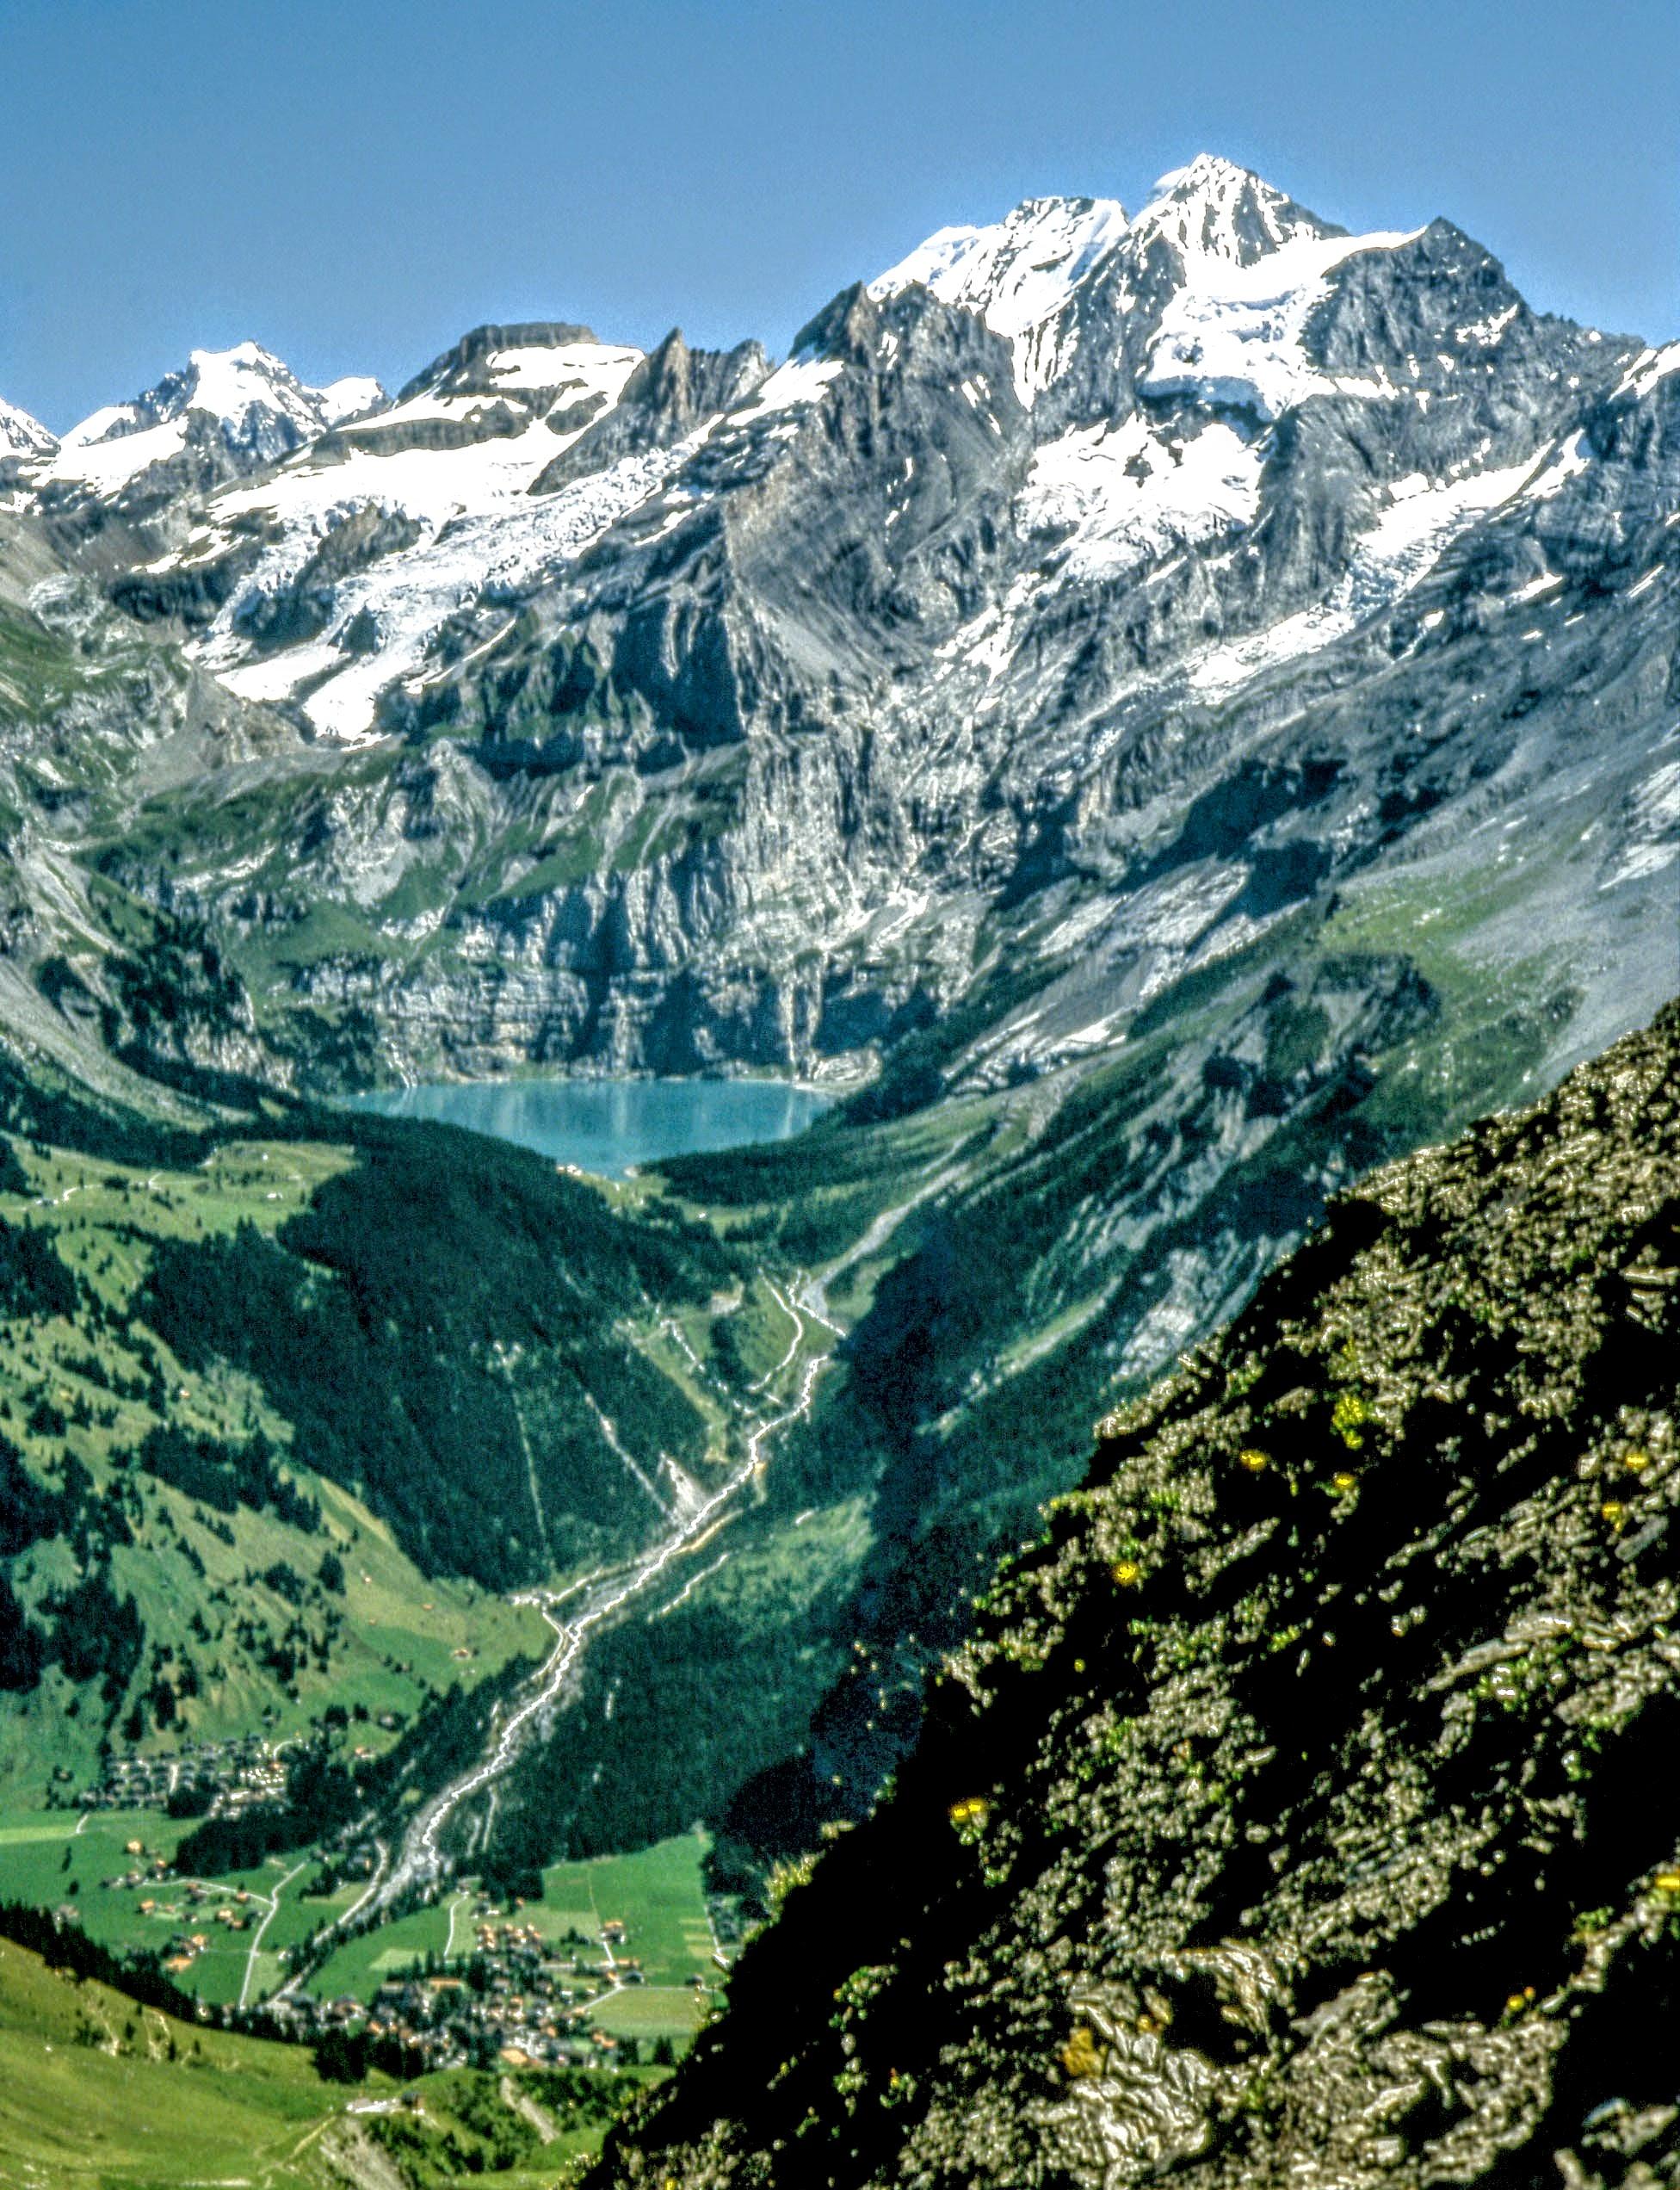 Photo: Öschinensee, Ausflug und Wandern - Blick von Bonderspitz auf Kandersteg, links Jungfau  - mehr Informationen:  http://pagewizz.com/adelboden-das-wanderparadis-im-berner-oberland-wanderung-zur-bonderspitz-mit-ueberraschung/